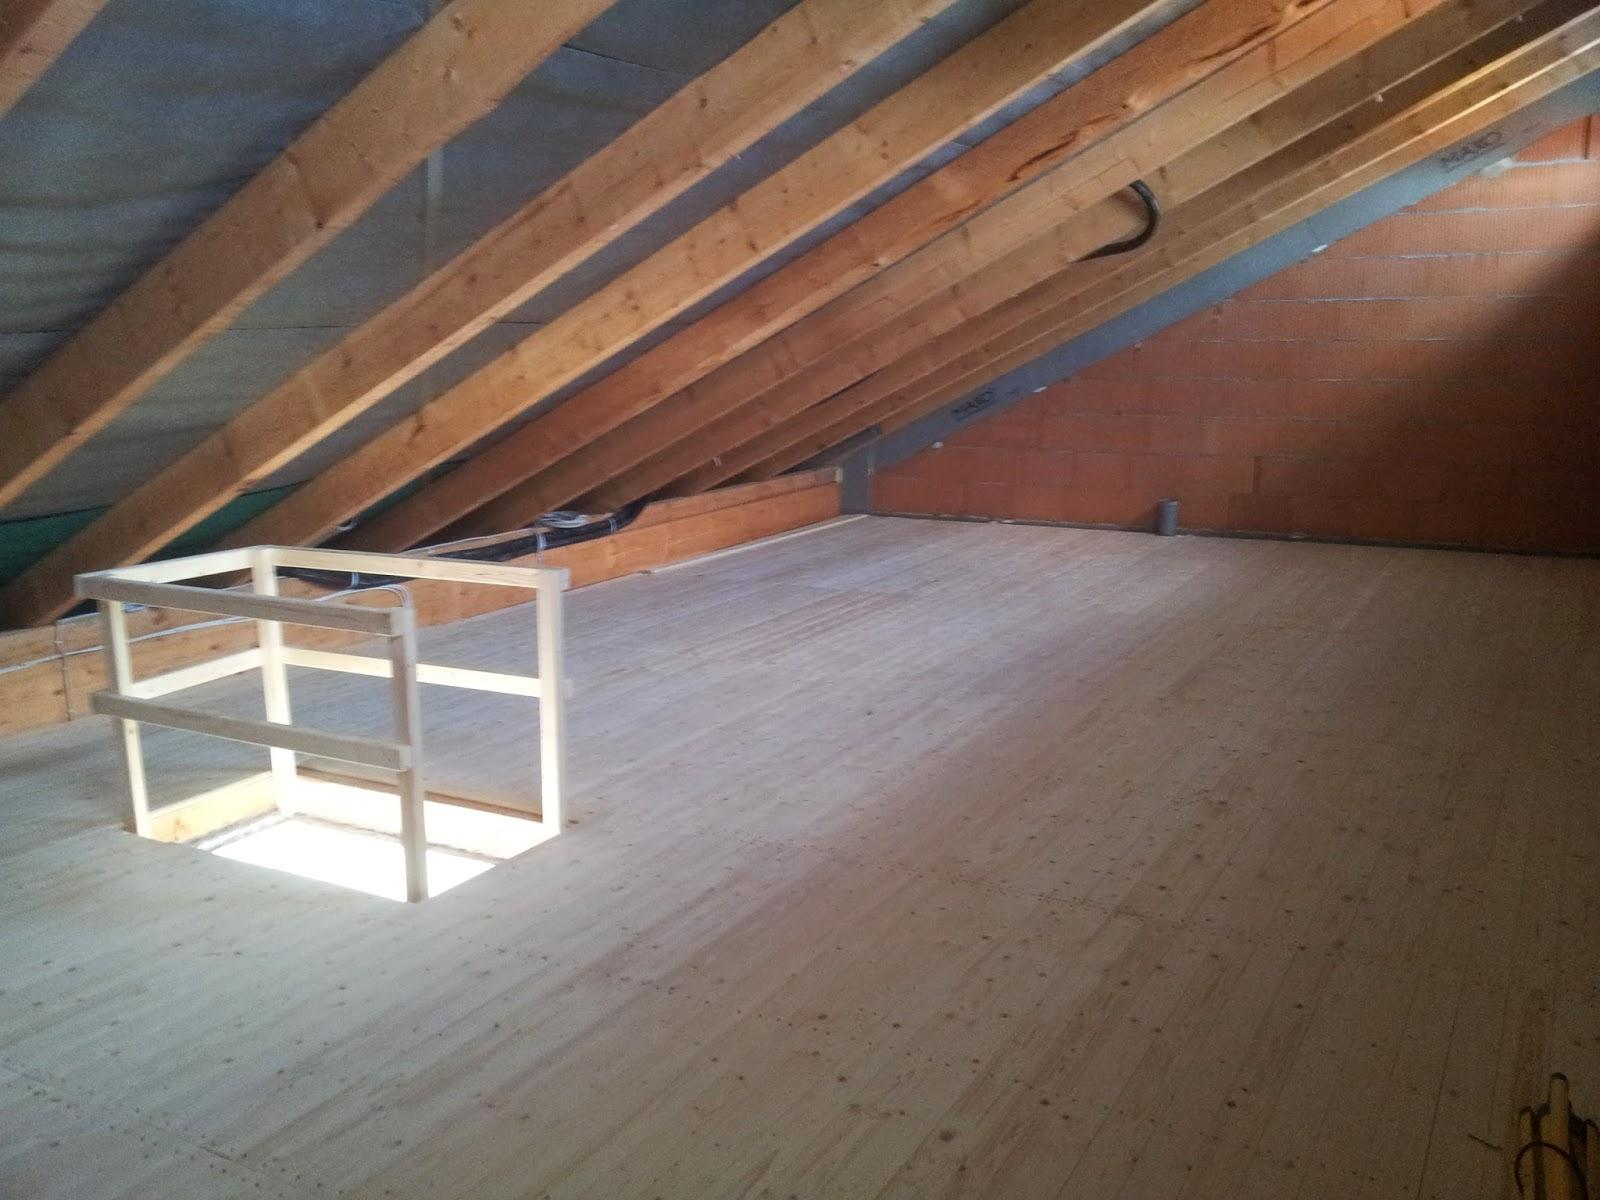 gelnder selber bauen selber bauen einfache holztreppe treppen treppe for tolle selbst. Black Bedroom Furniture Sets. Home Design Ideas